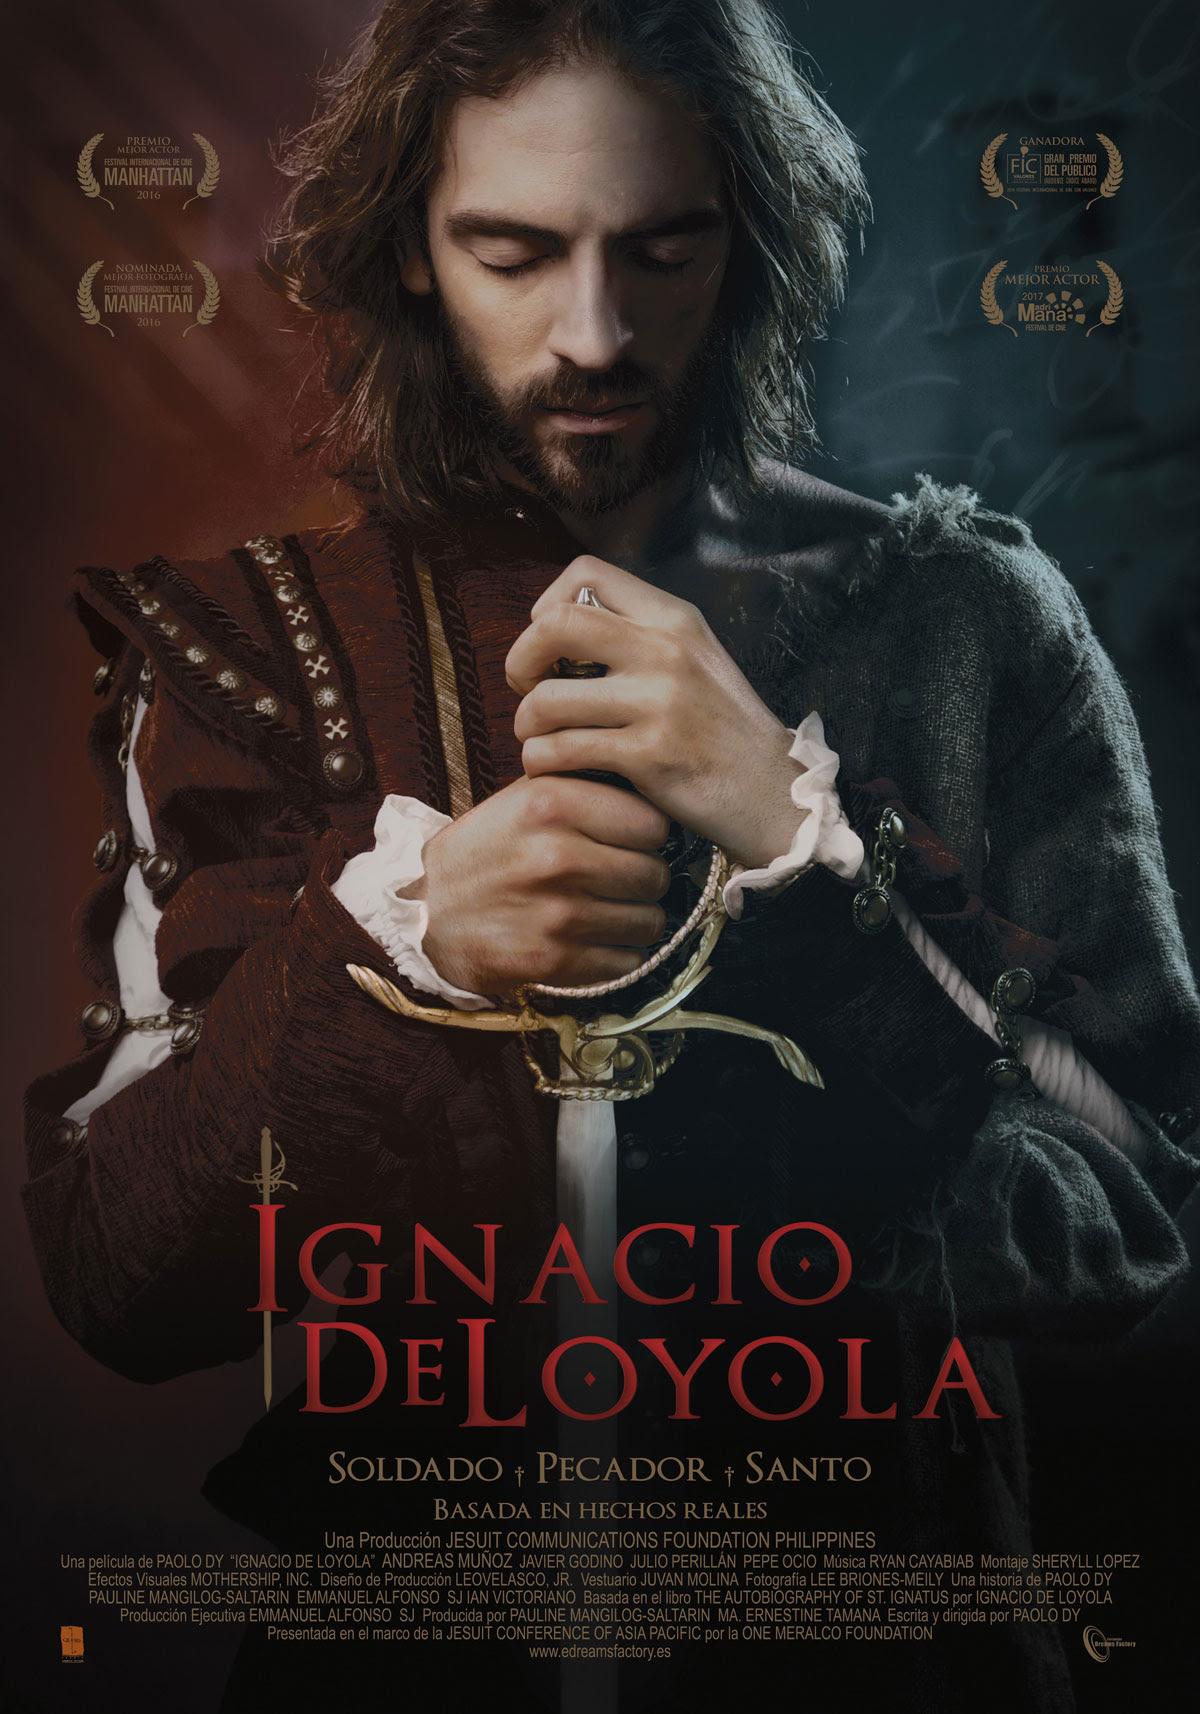 Resultado de imagen de IGNACIO DE LOYOLa, pelicula